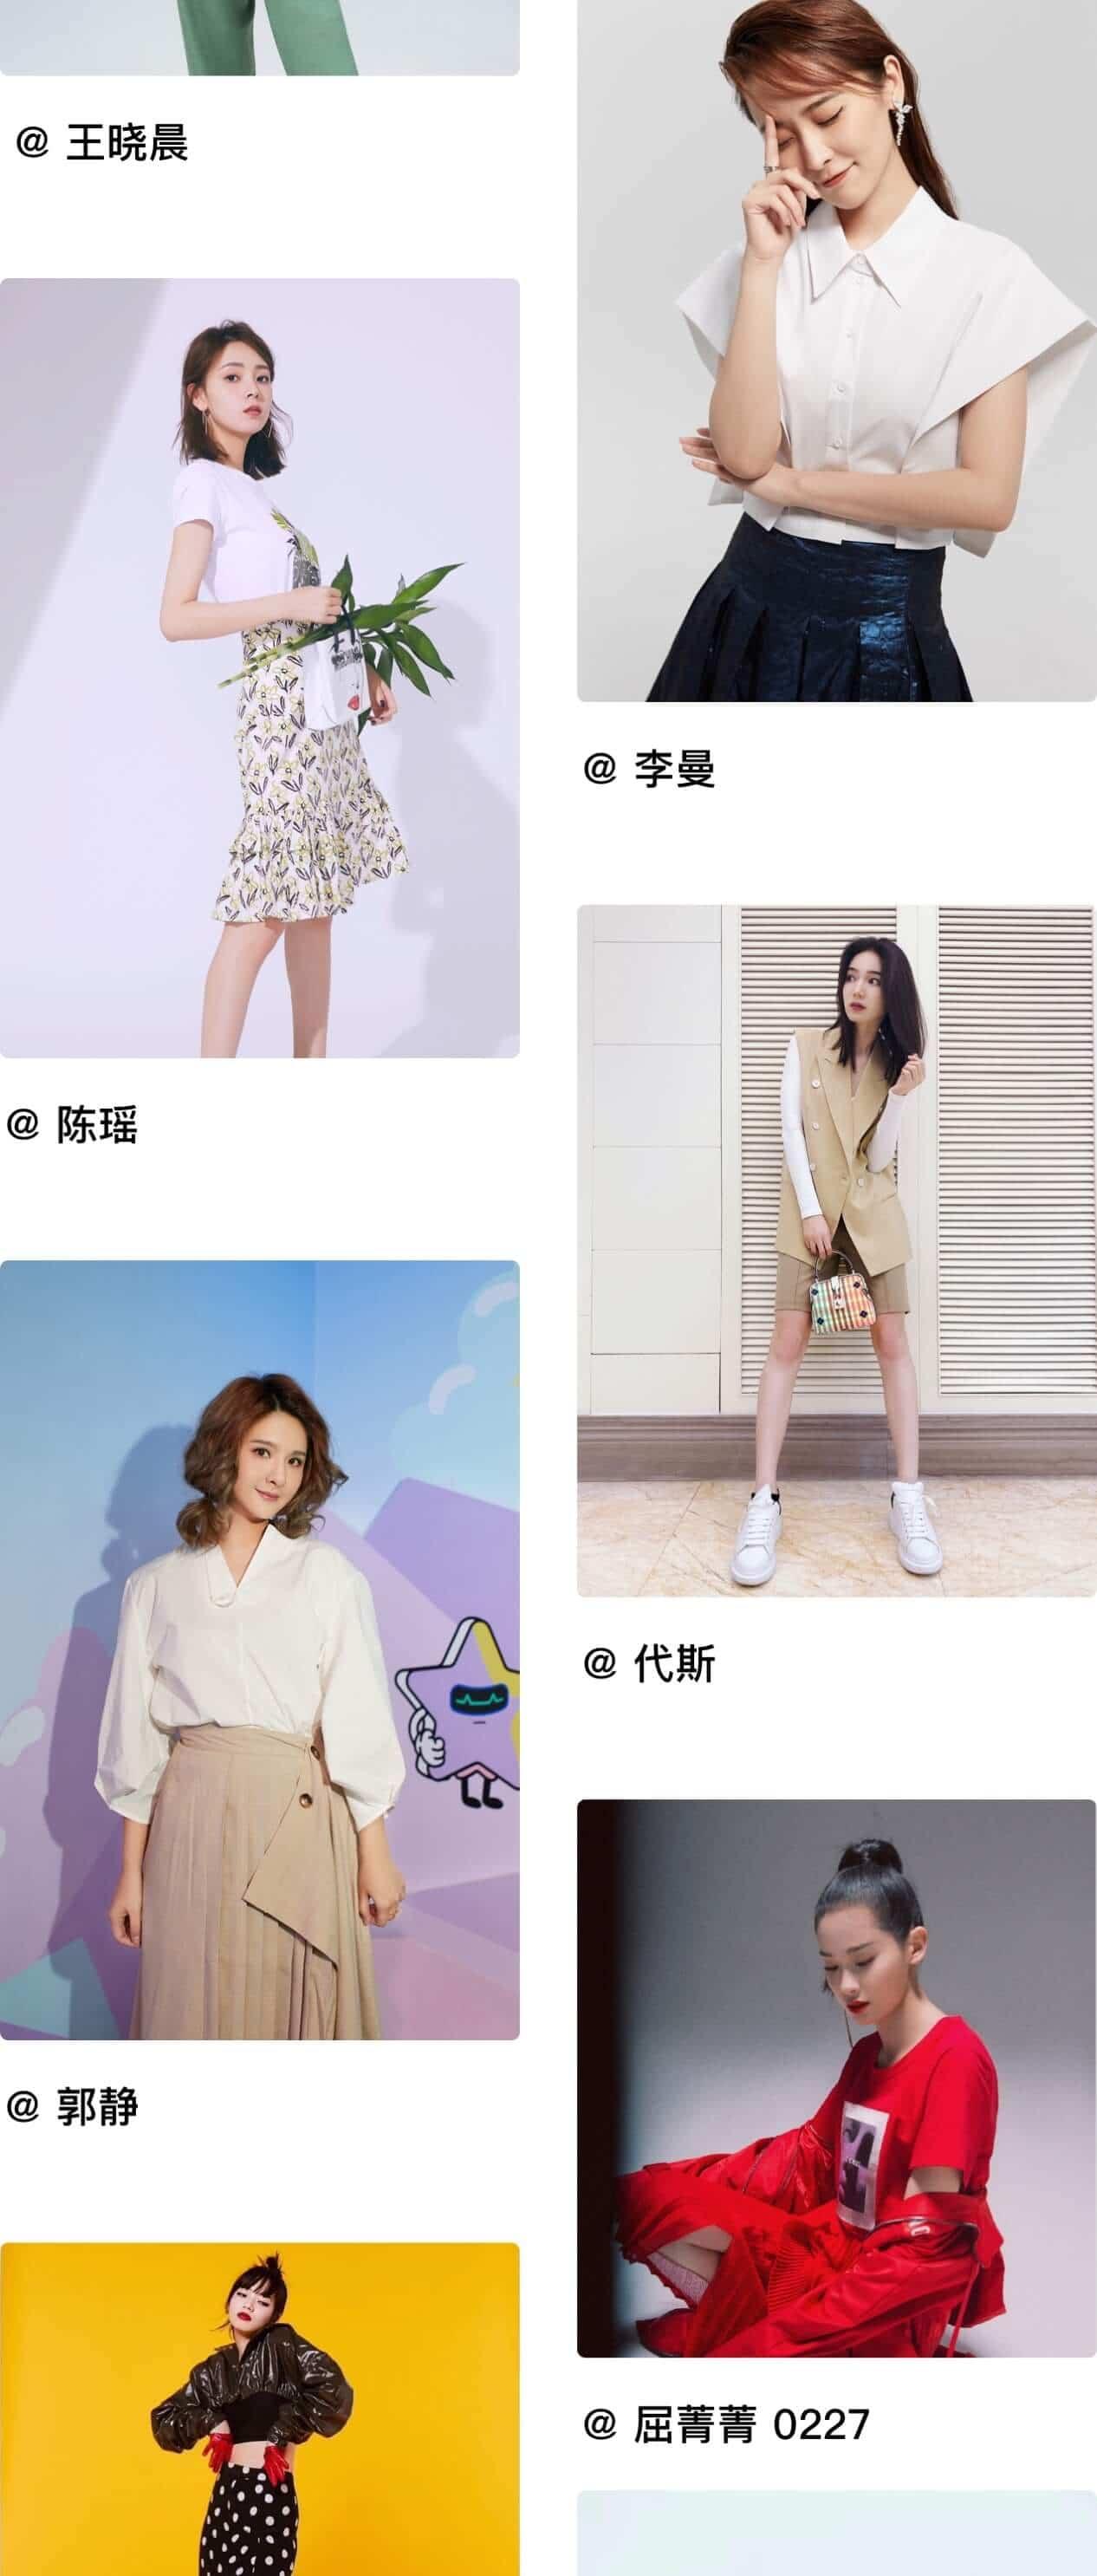 王晓晨,李曼,陈瑶,代斯,郭静,屈菁菁